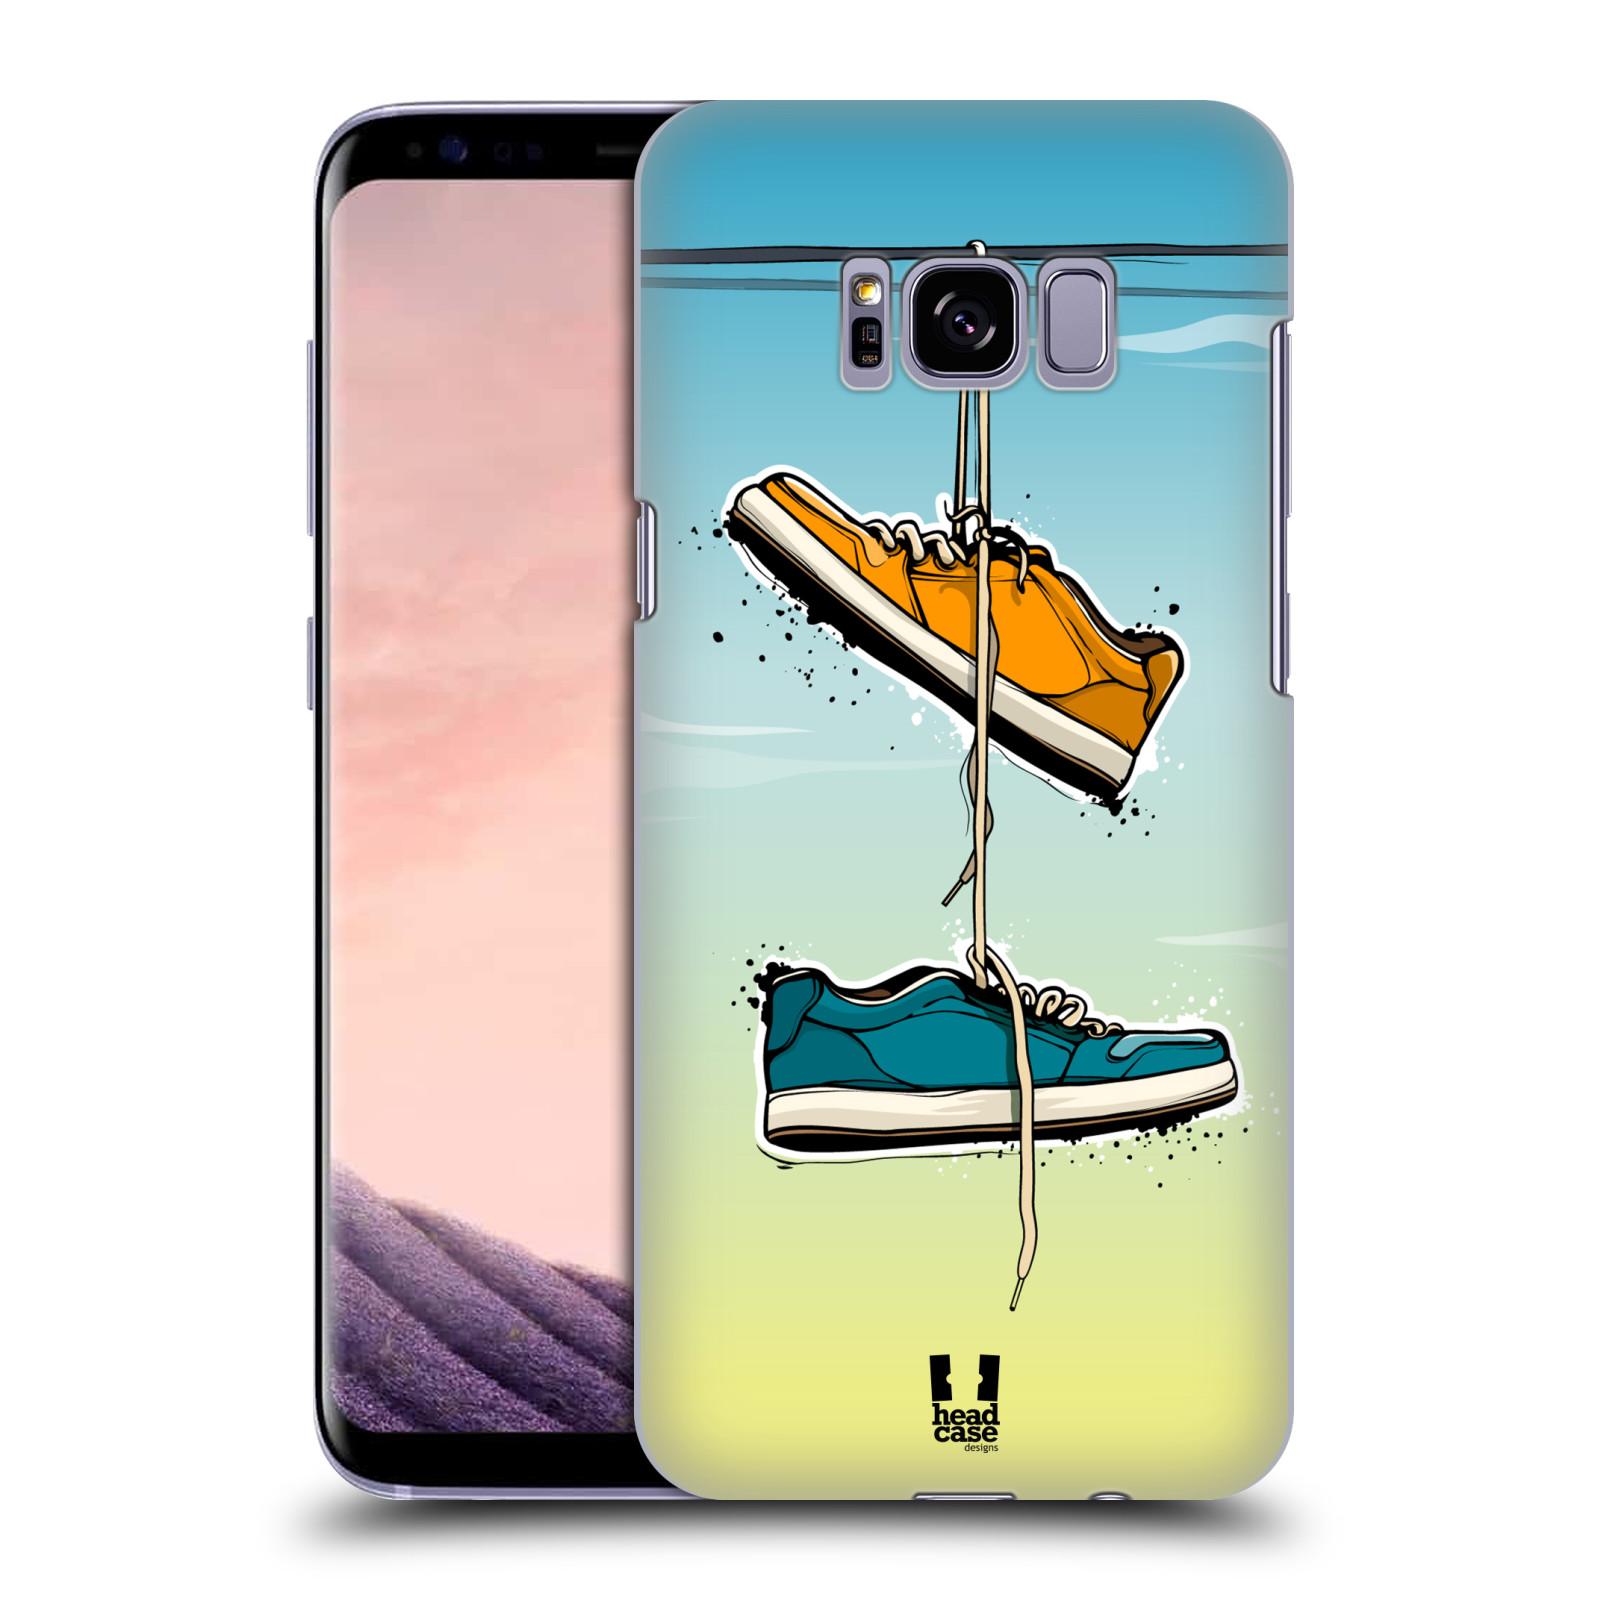 Funda HEAD CASE DESIGNS urbano Vibes Funda Rígida Posterior Para Samsung Galaxy S8+ S8 Plus